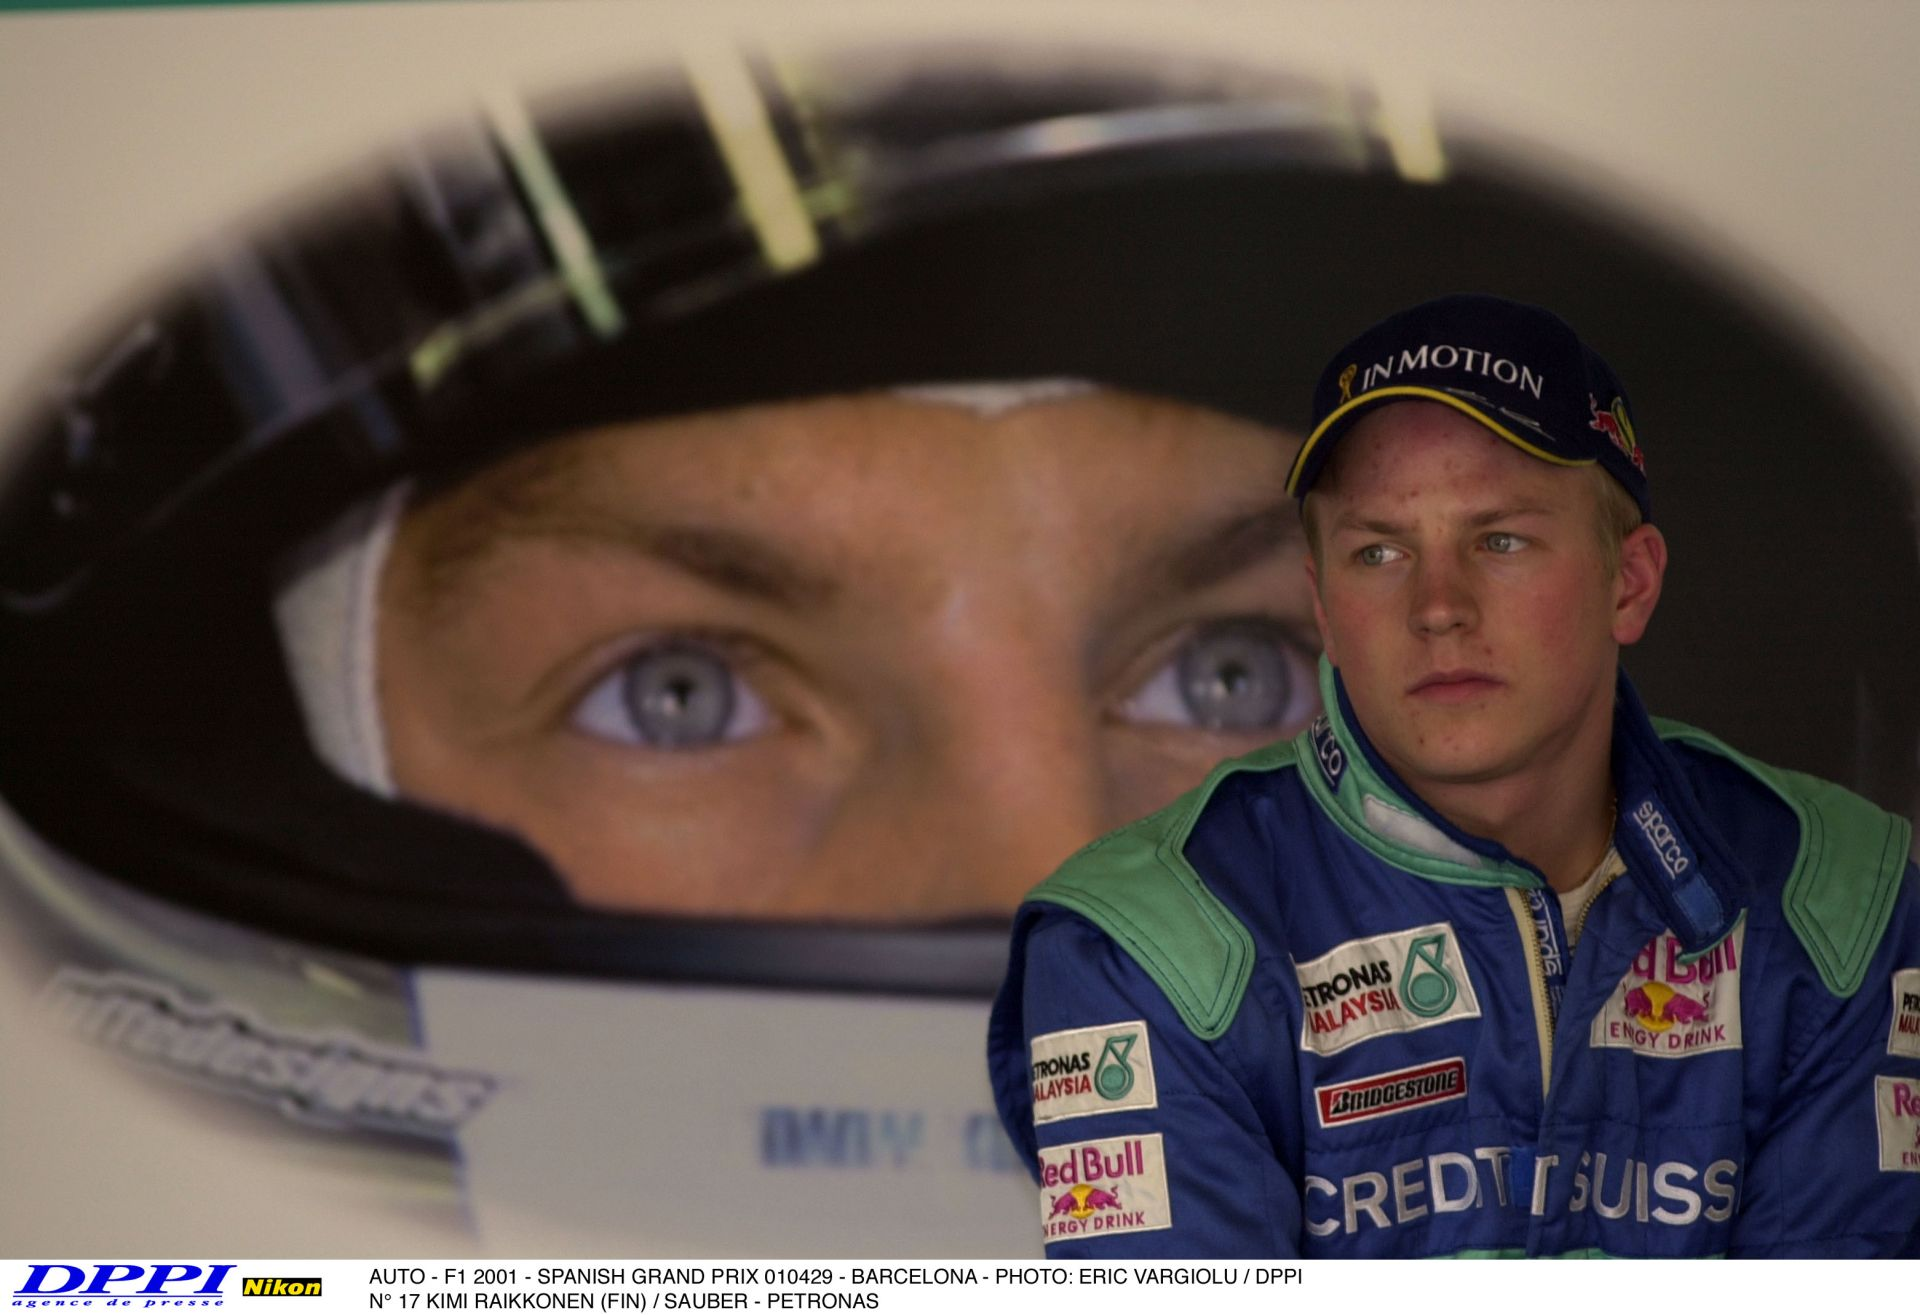 Ma 36 éves Kimi Raikkönen, 2007 Forma-1 bajnoka